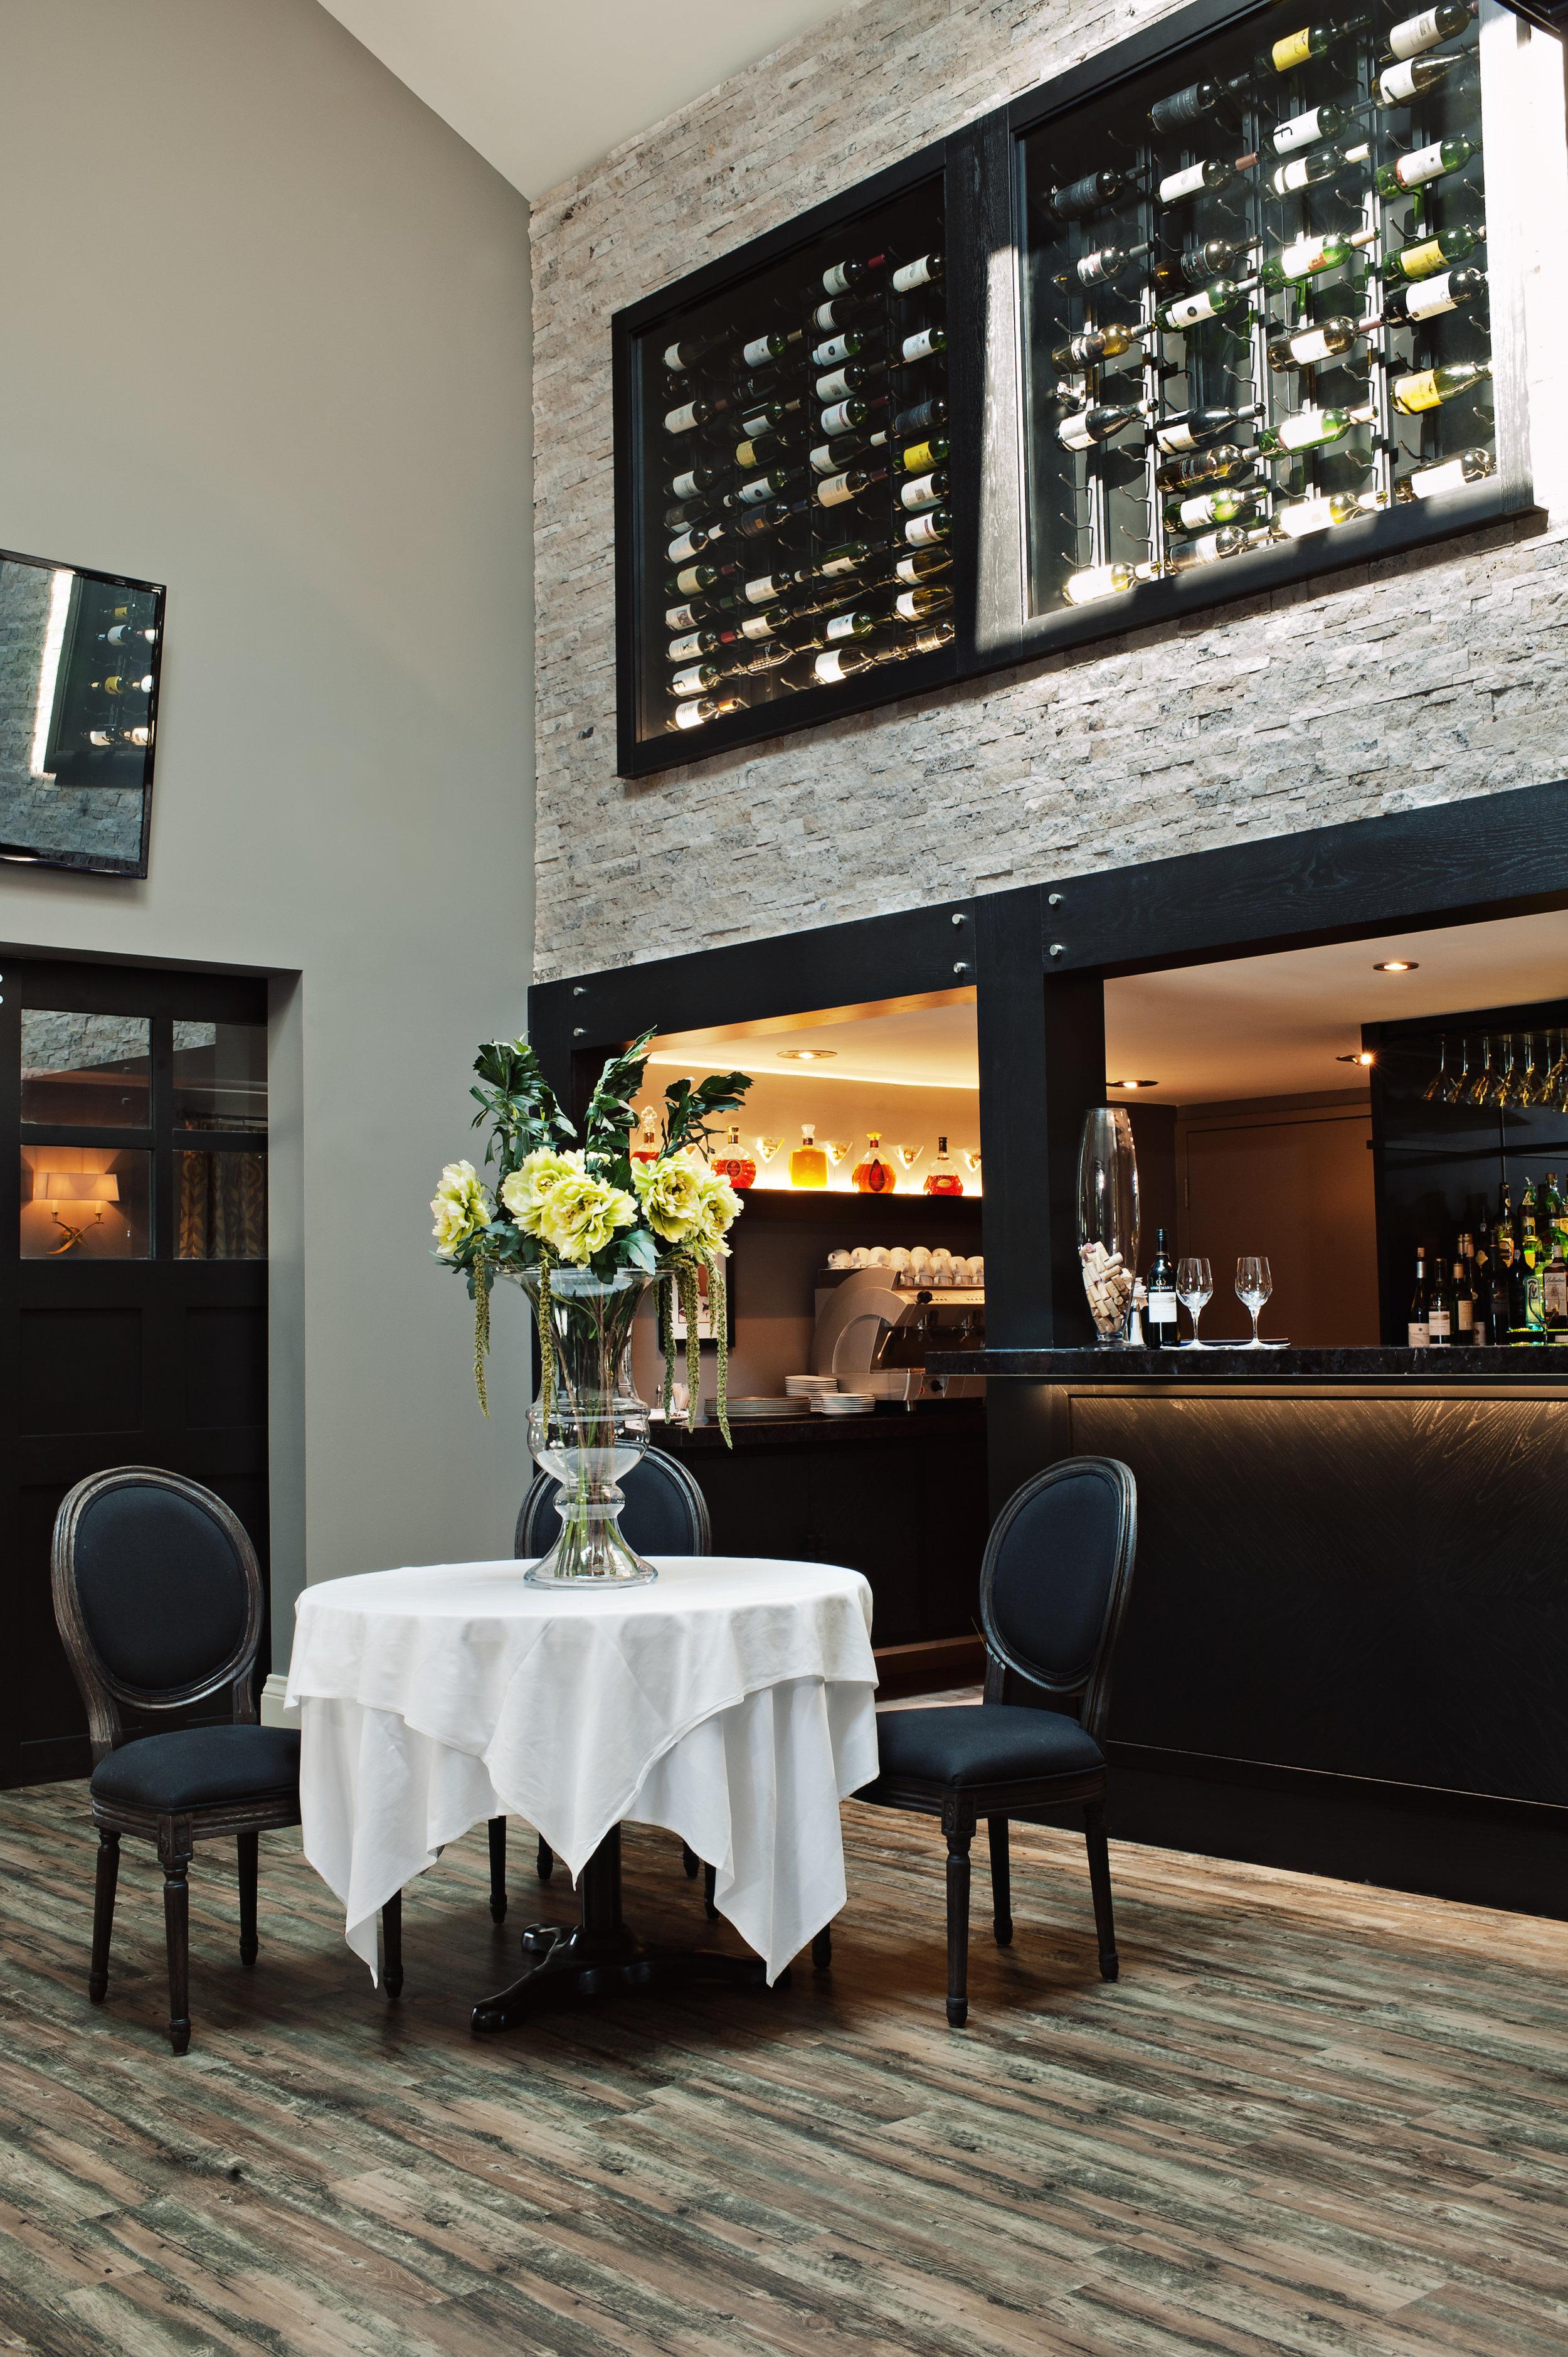 Restaurant Dining Room 2.jpg